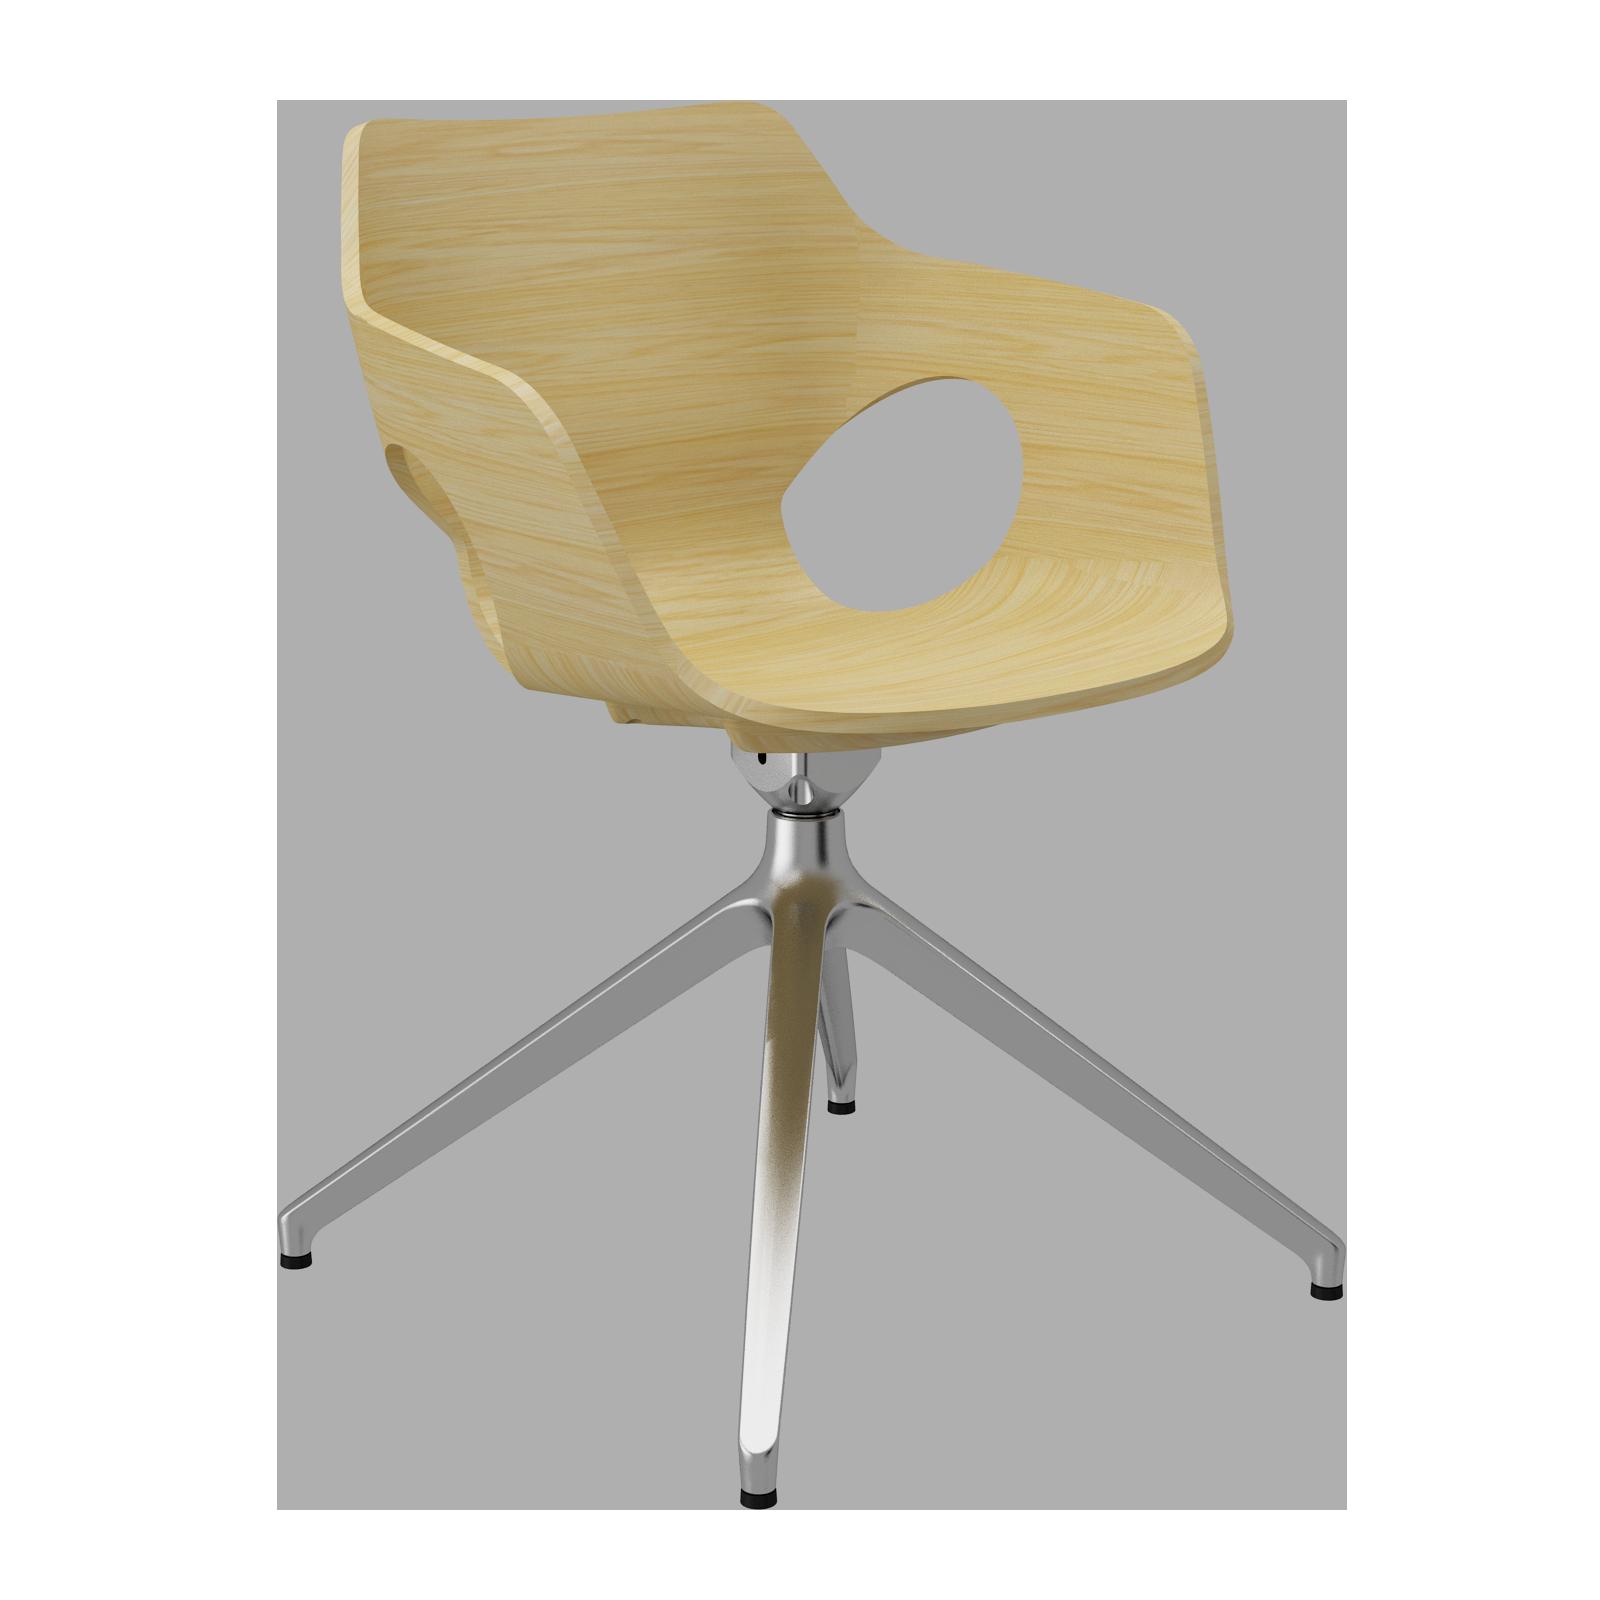 Cadeira Olé Wood Natural Oak Piramidal